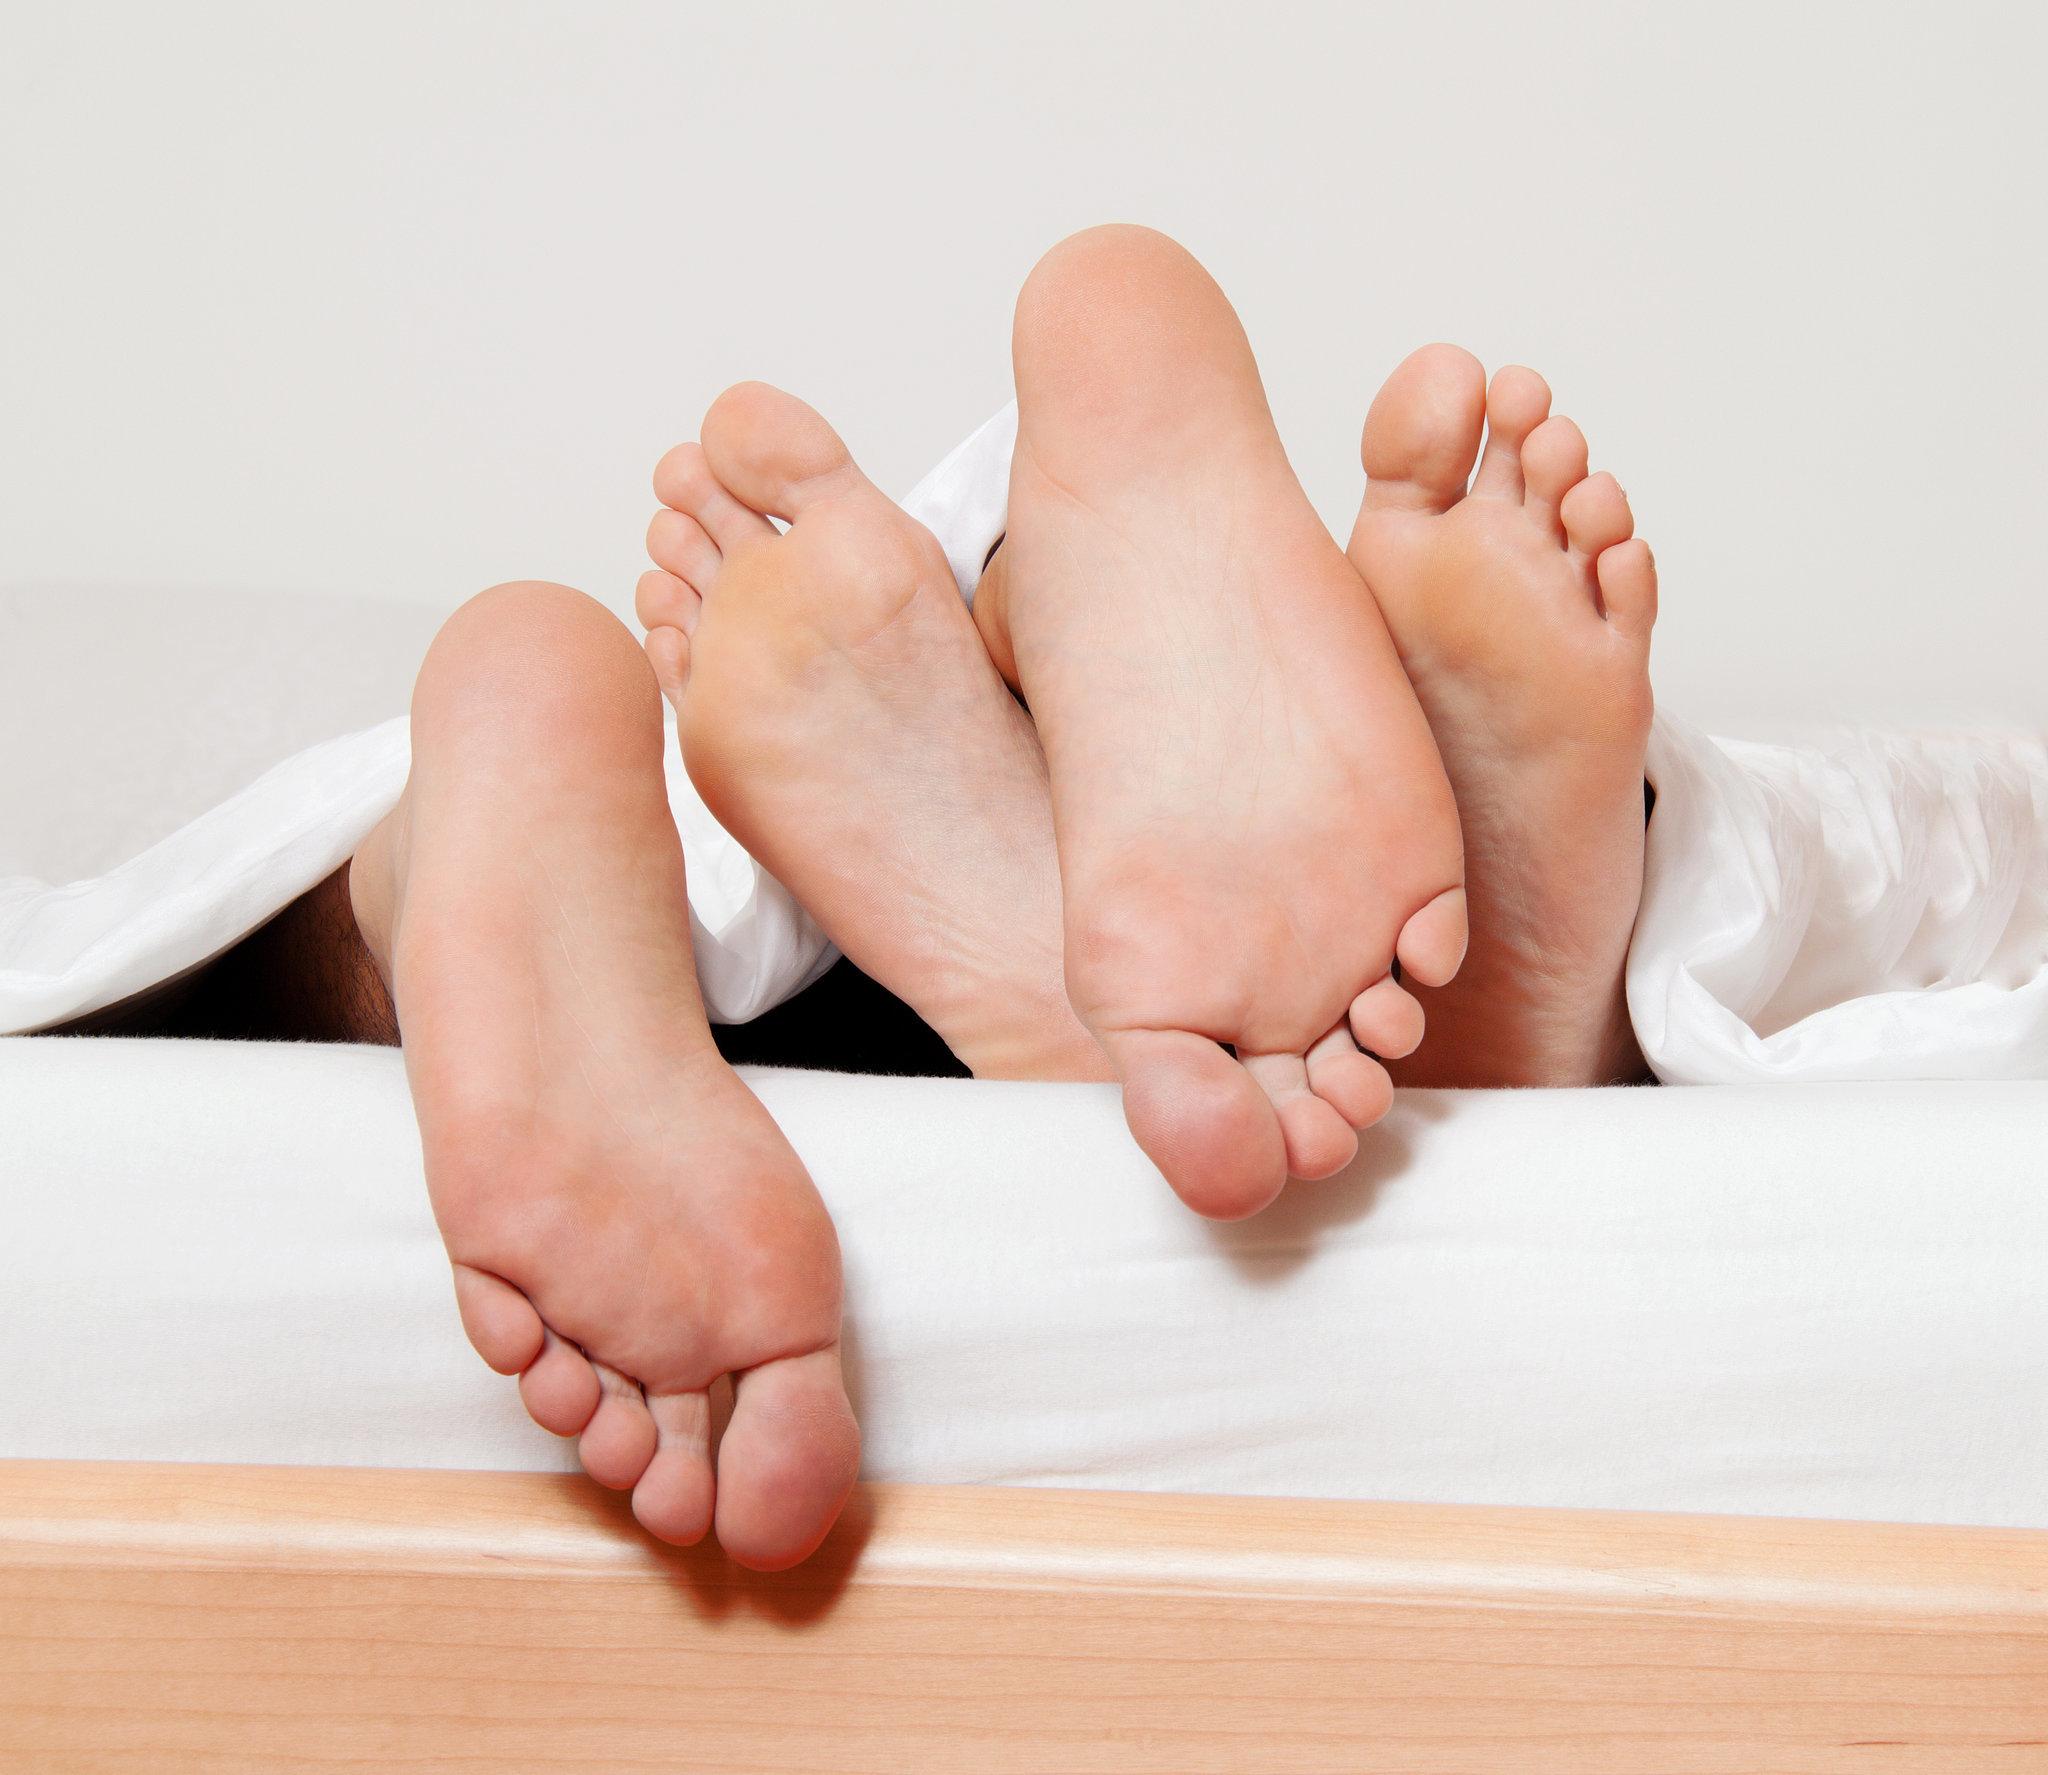 Почему потеешь во время секса 15 фотография